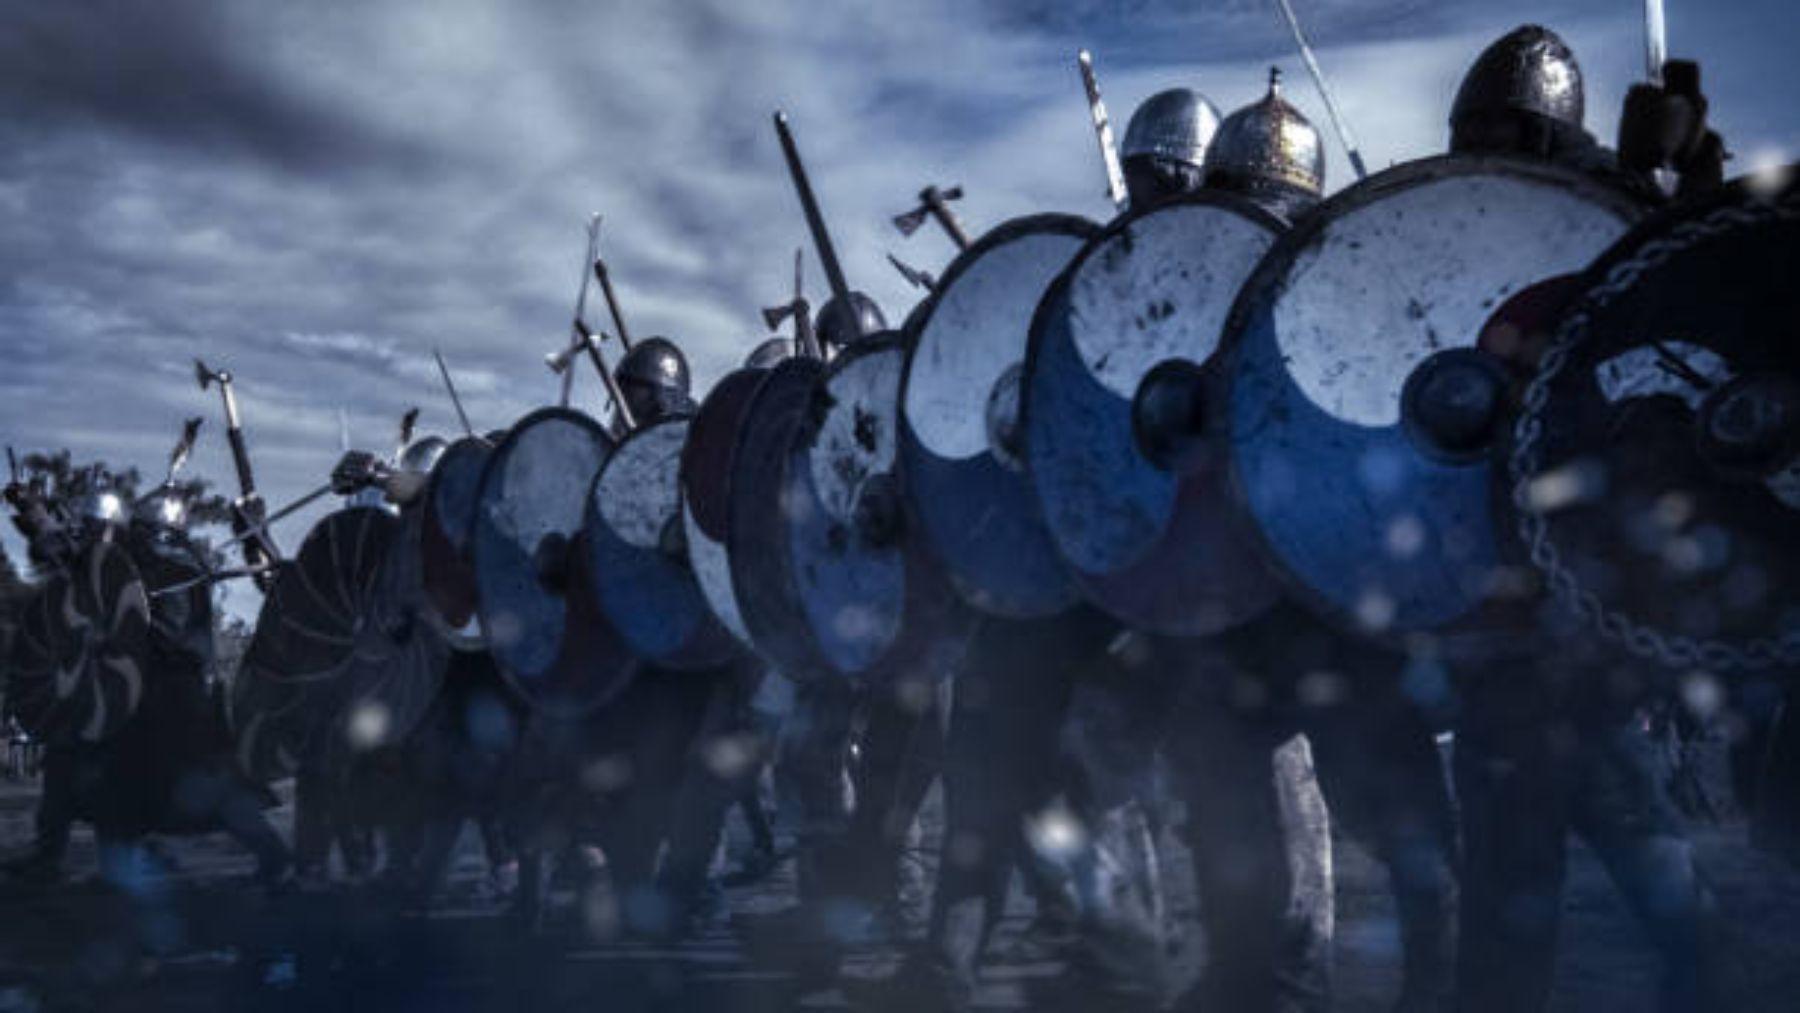 Descubre las frases más inspiradoras pronunciadas por grandes guerreros